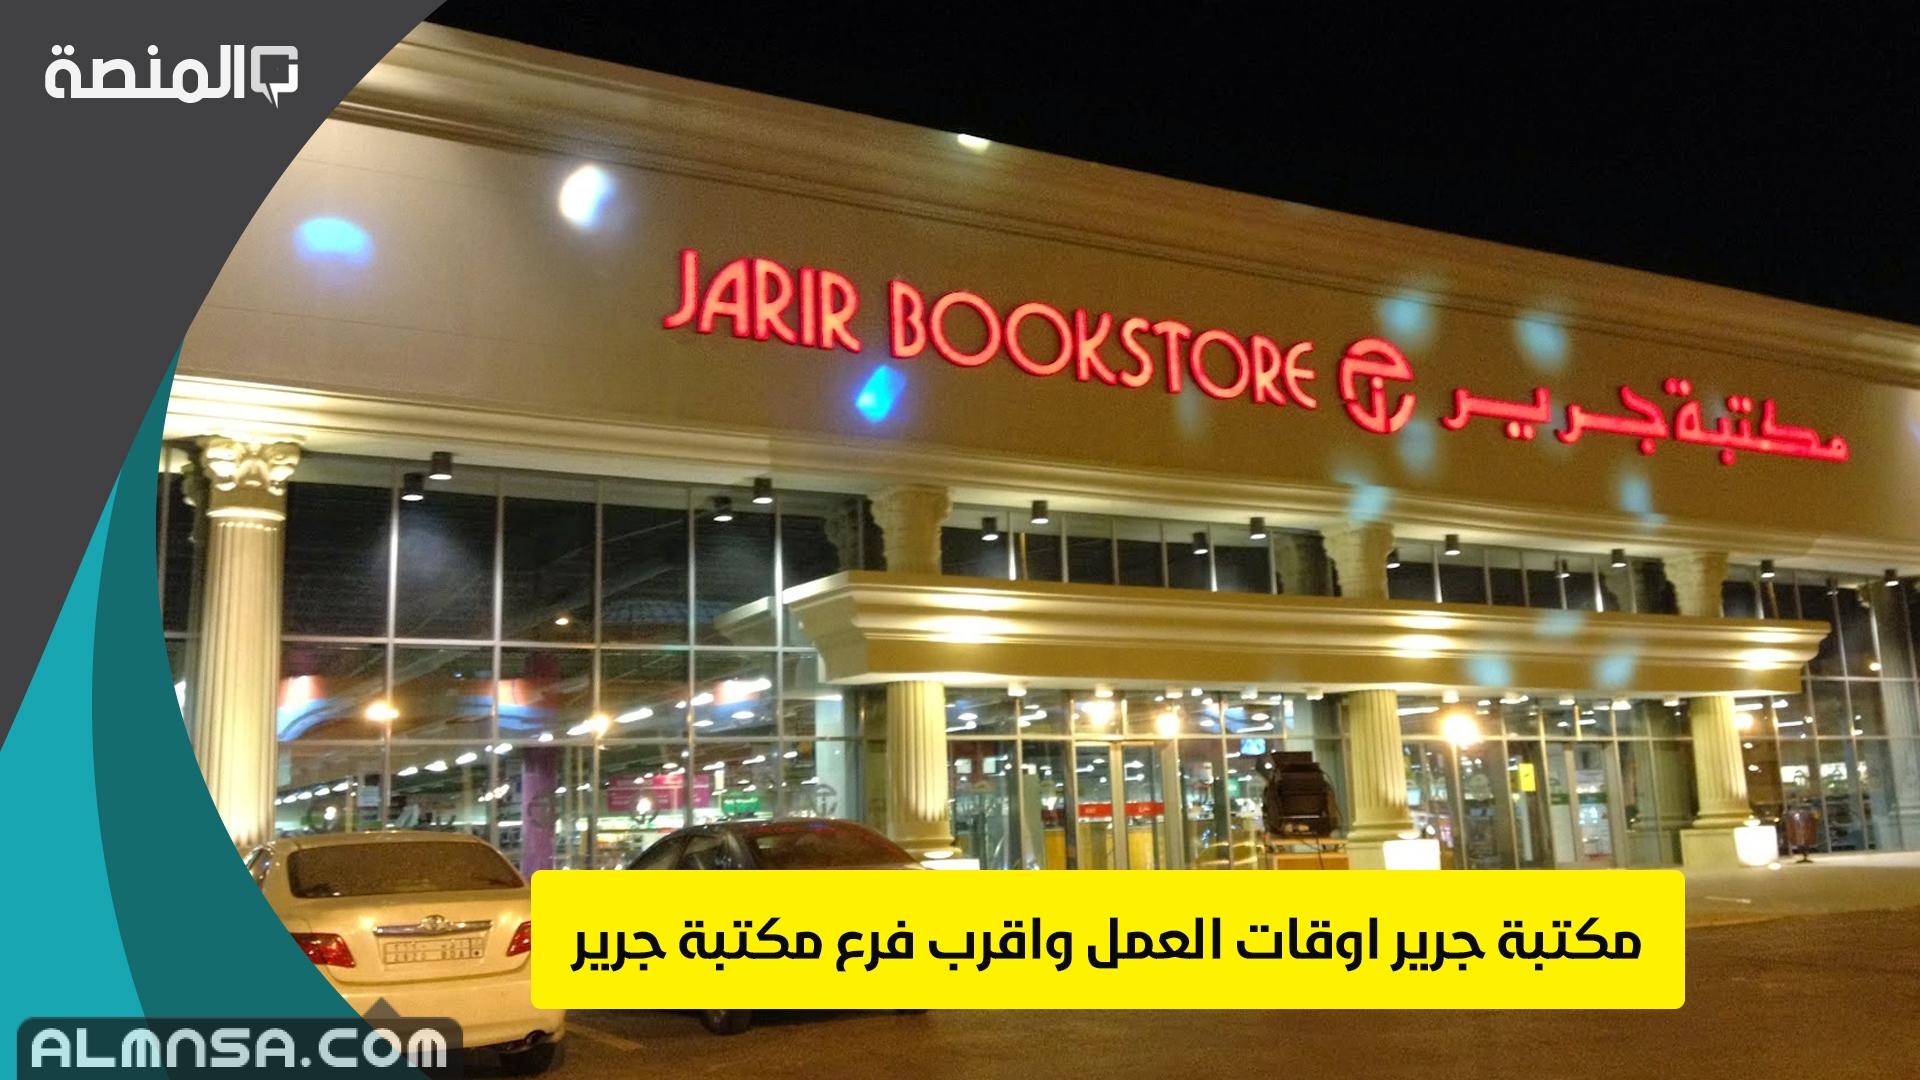 مكتبة جرير اوقات العمل واقرب فرع مكتبة جرير المنصة